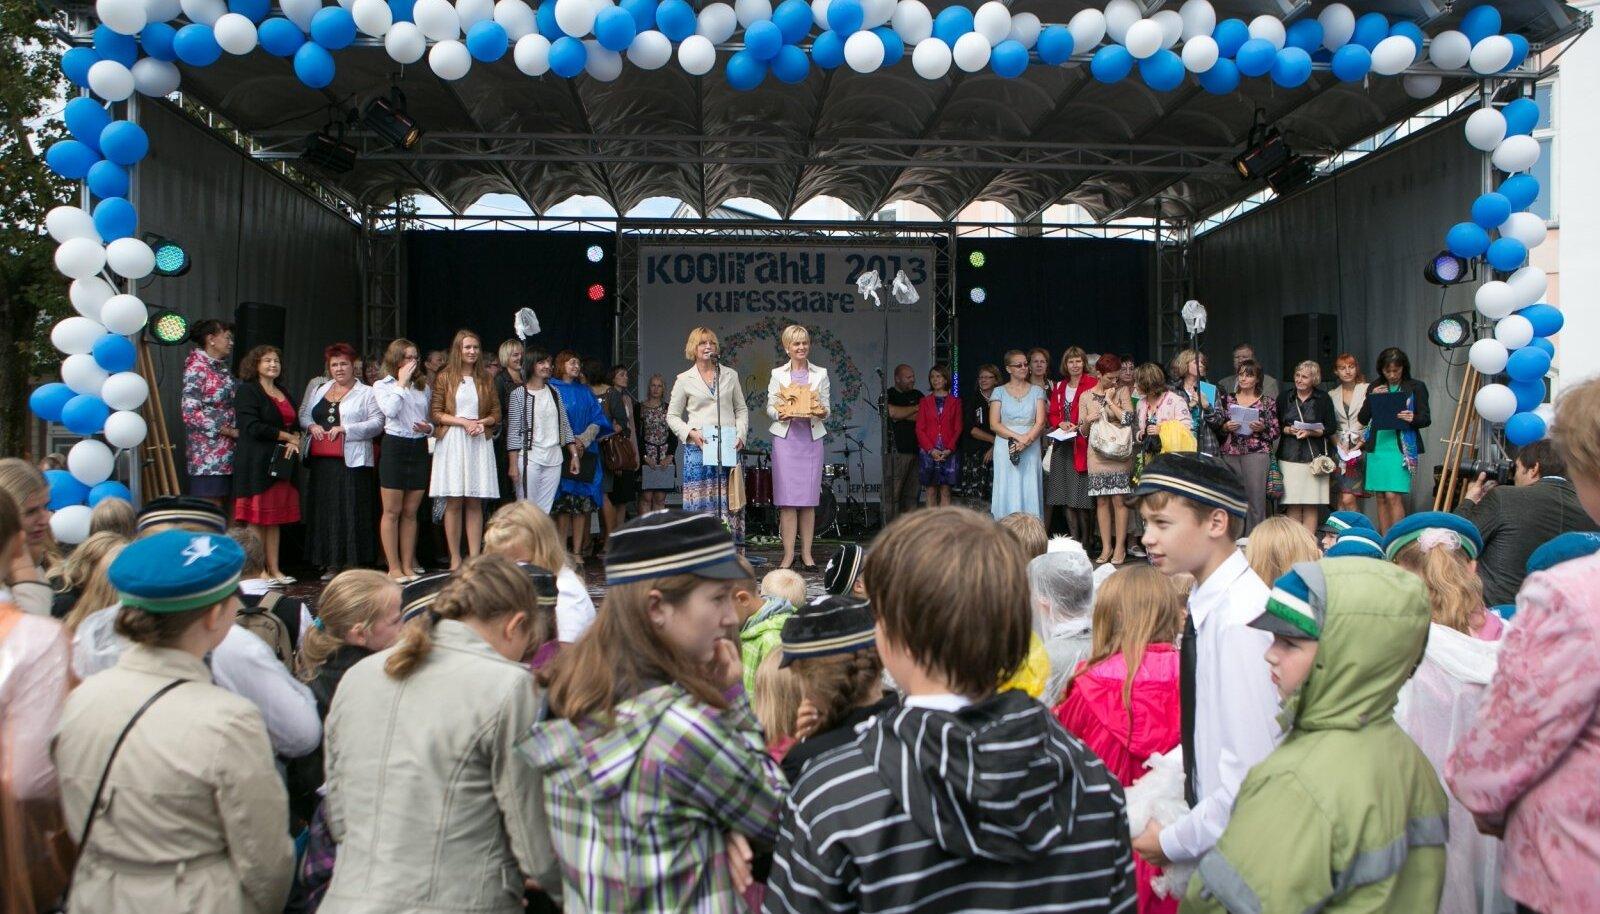 Fotomeenutus aastast 2013, mil koolirahu kuulutati välja Kuressaares.